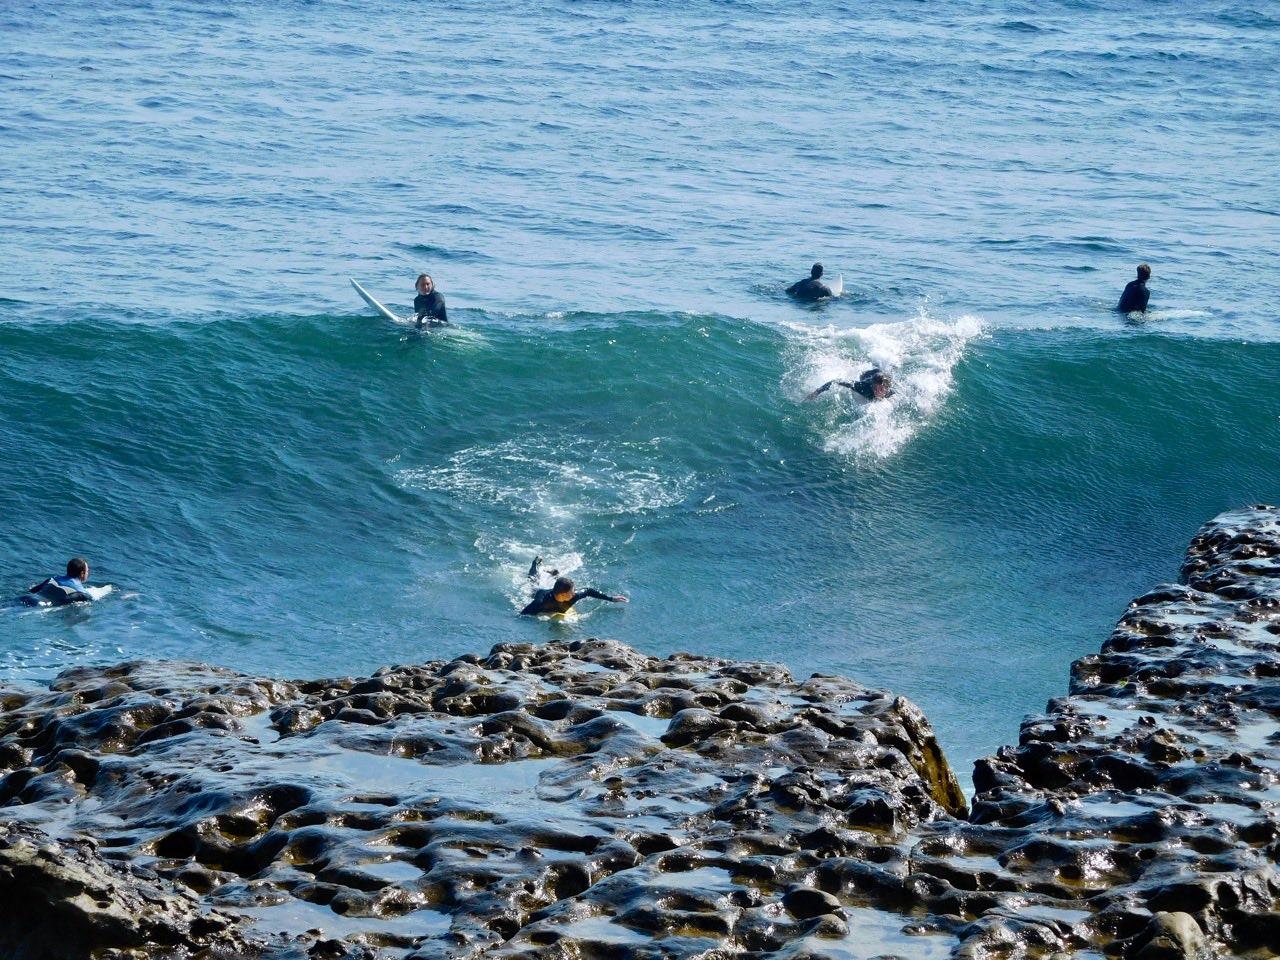 Quelques jours à Santa Cruz - Le musée du surf et des surfeurs (01)